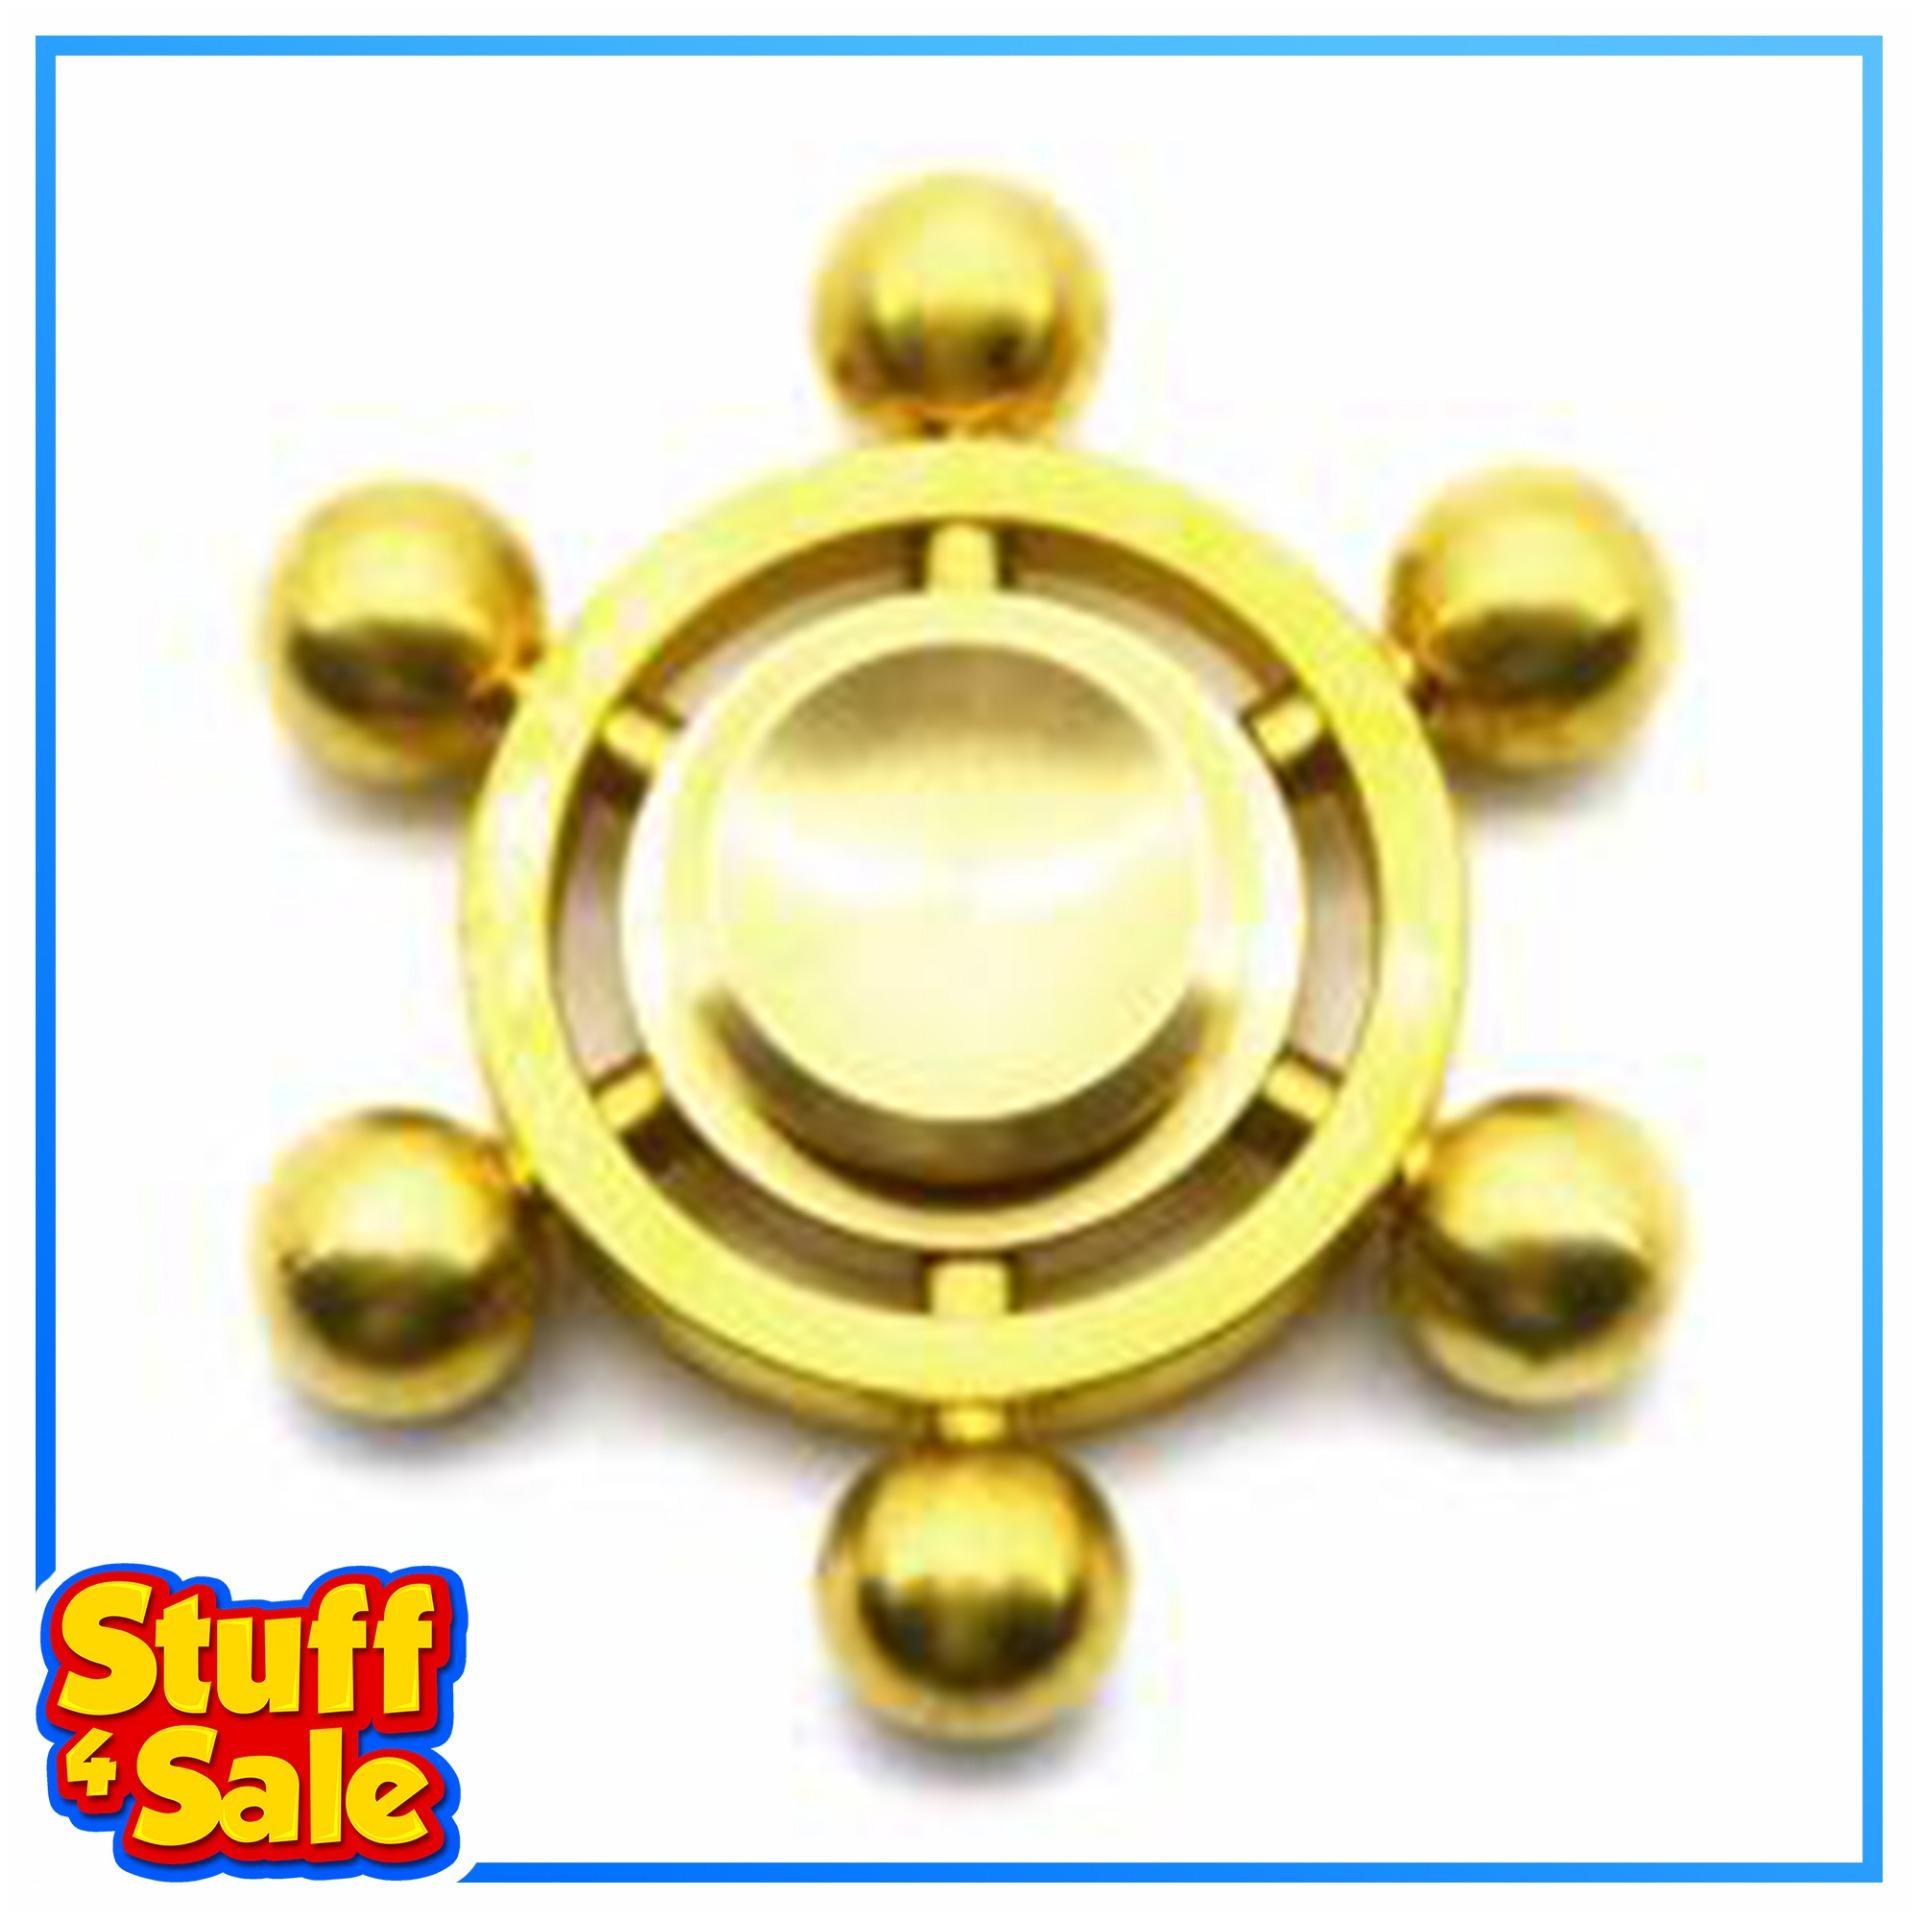 Solid Brass Copper Metal Fidget Spinner - Rudder Ship Steering Wheel By Stuff 4 Sale.